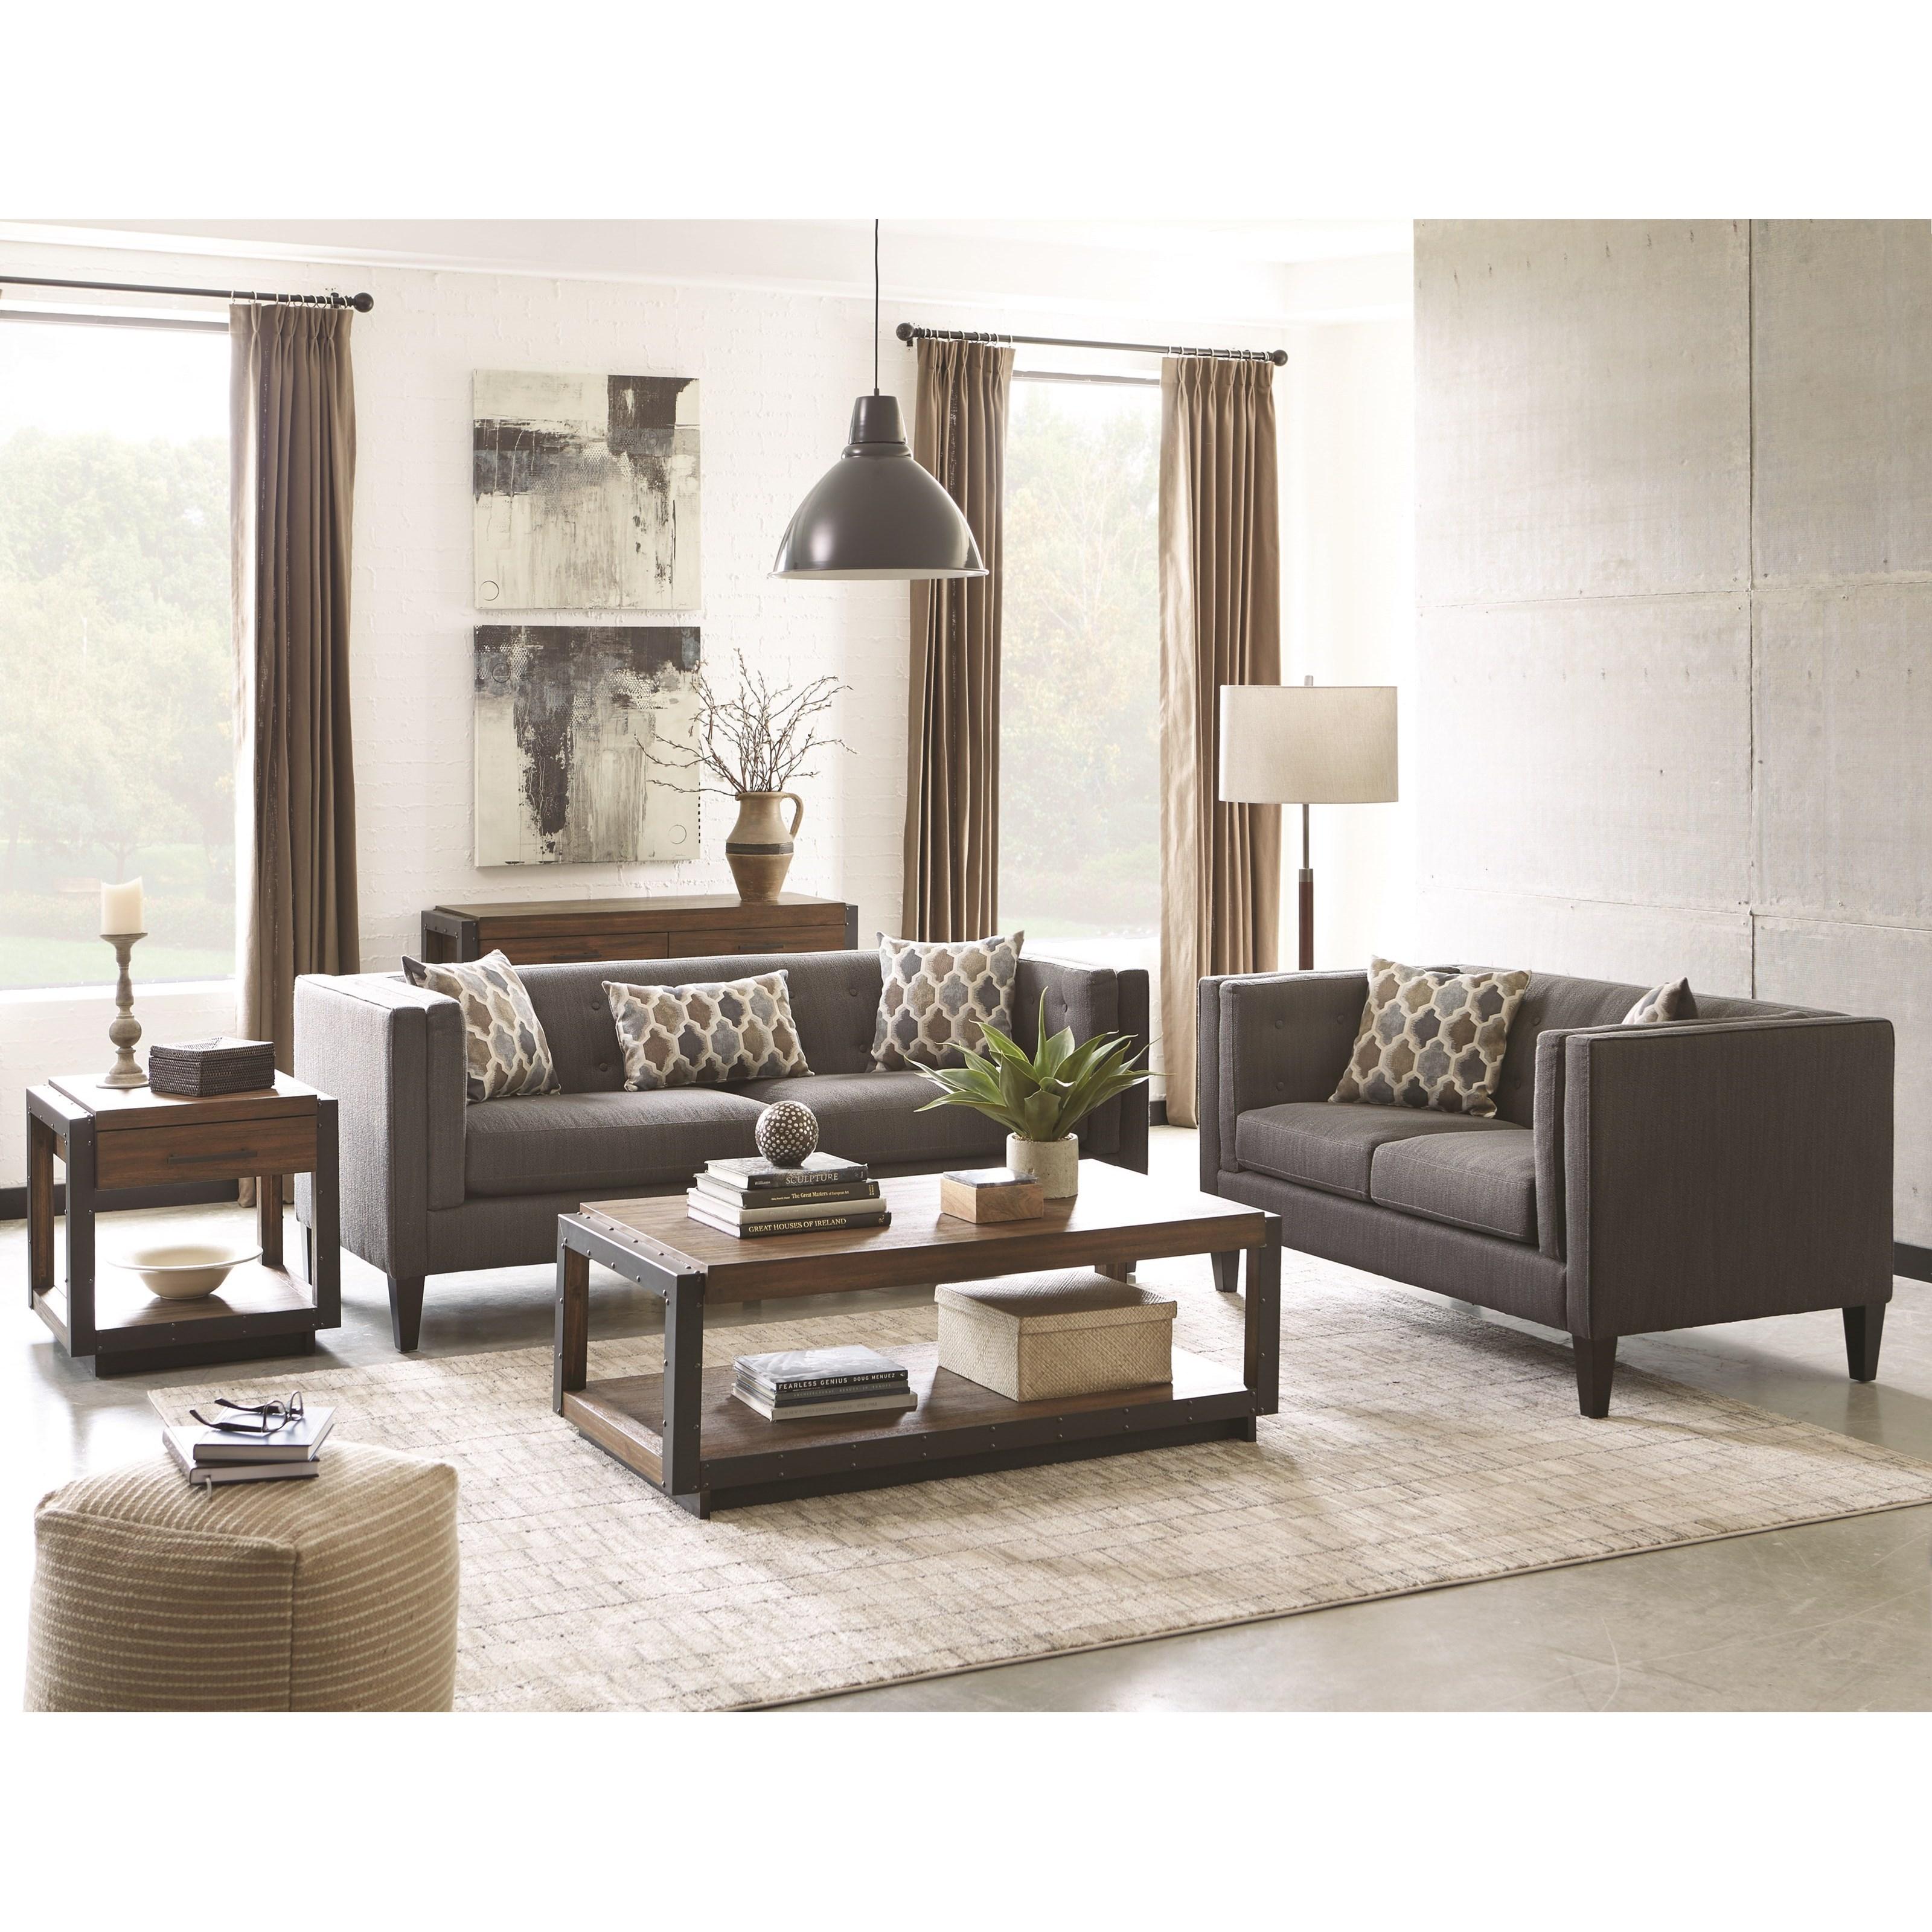 Sawyer Living Room Group